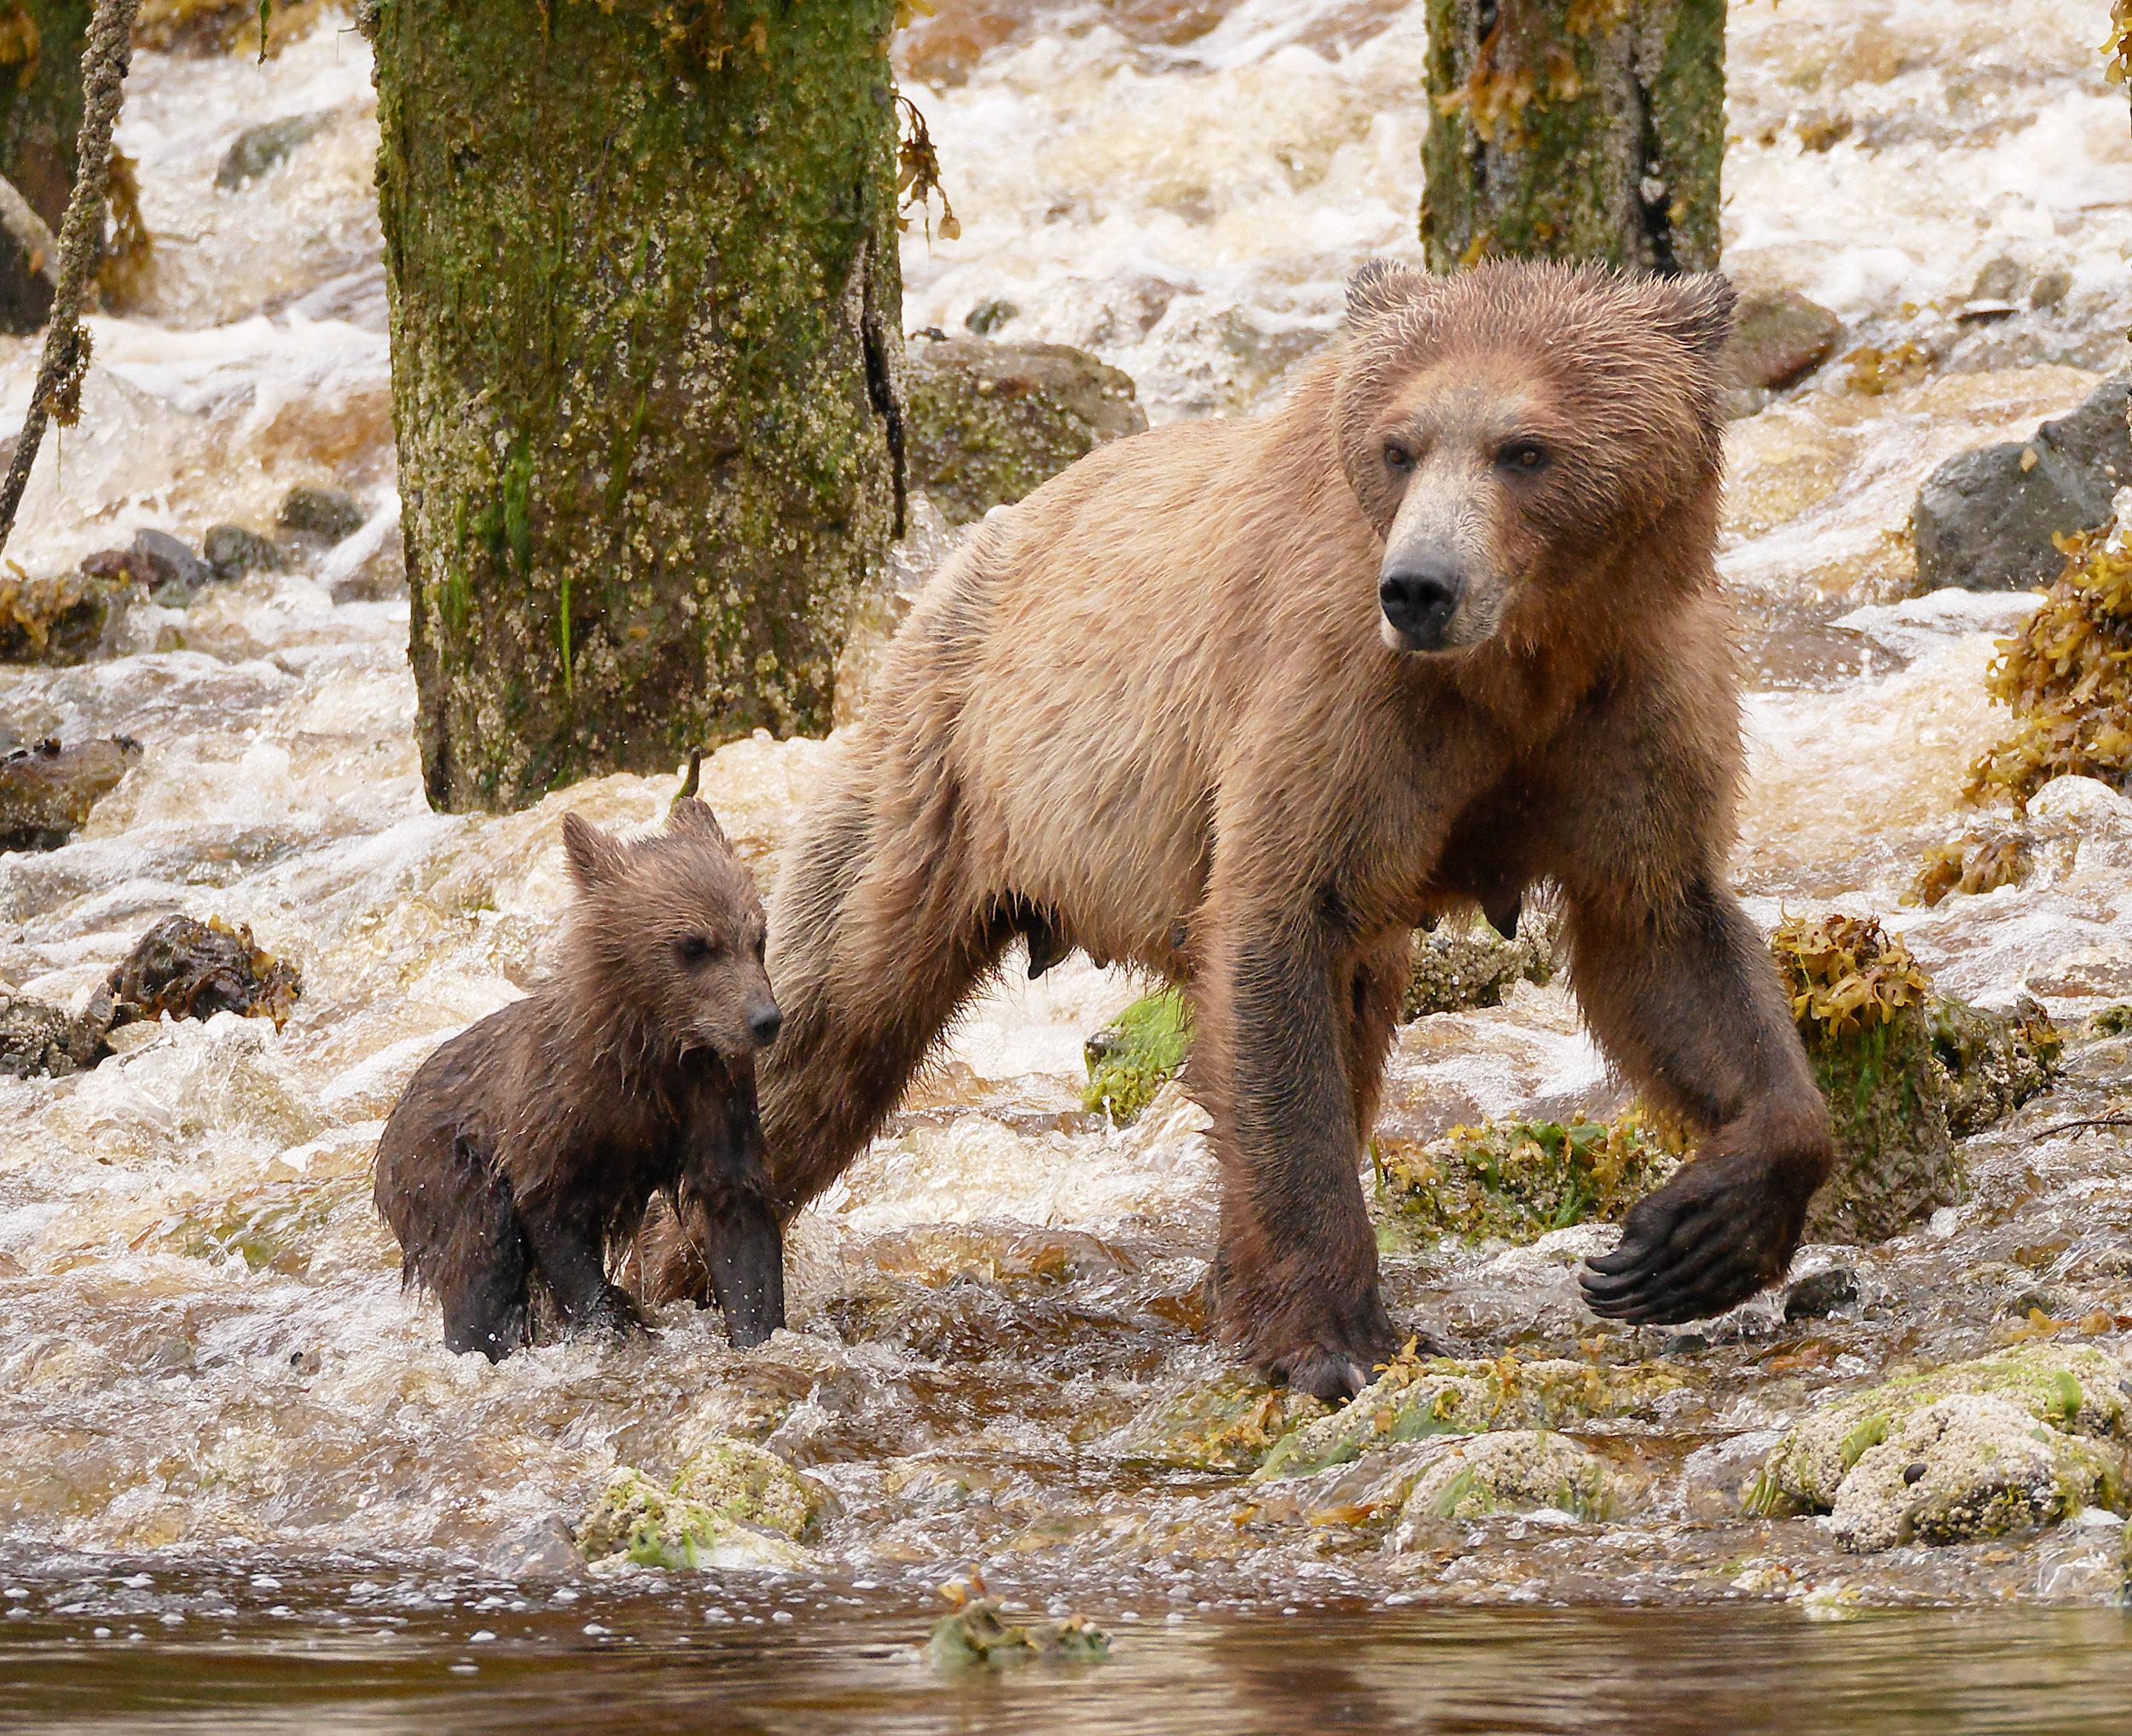 mom amd cub river crossing.jpg